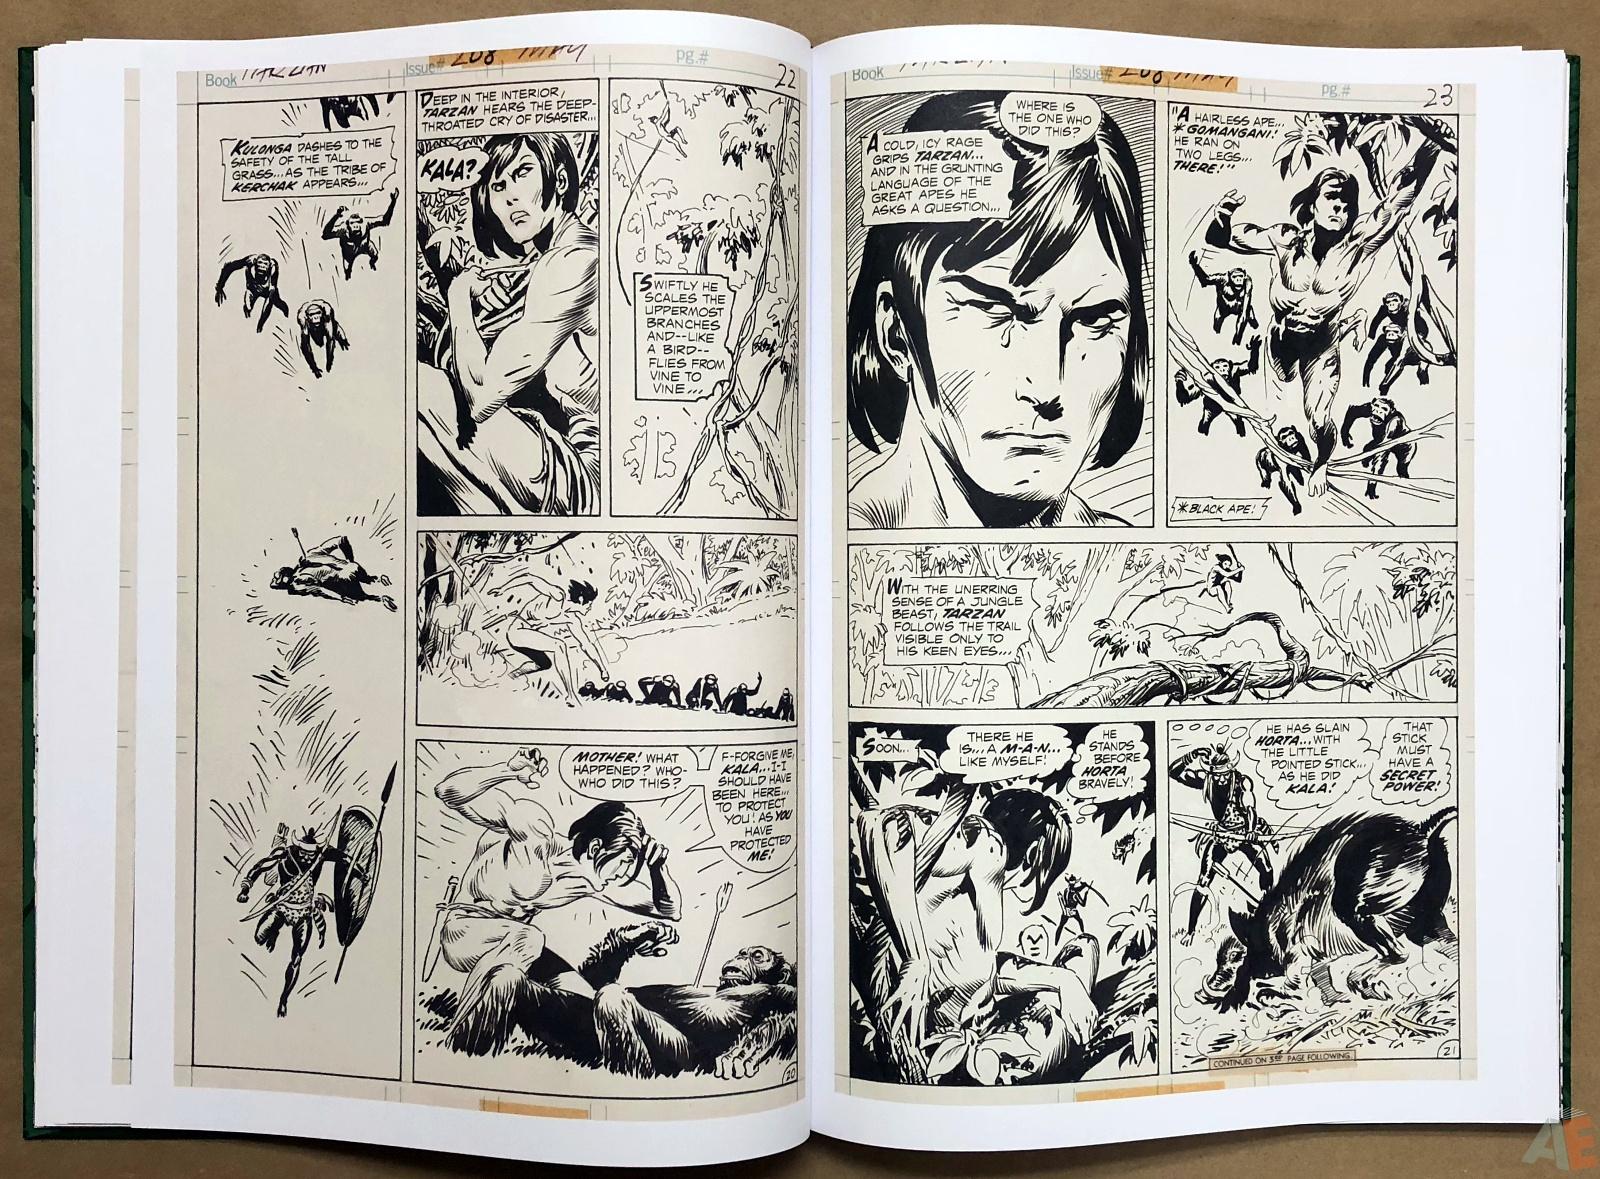 Joe Kubert's Tarzan of the Apes Artist's Edition 22